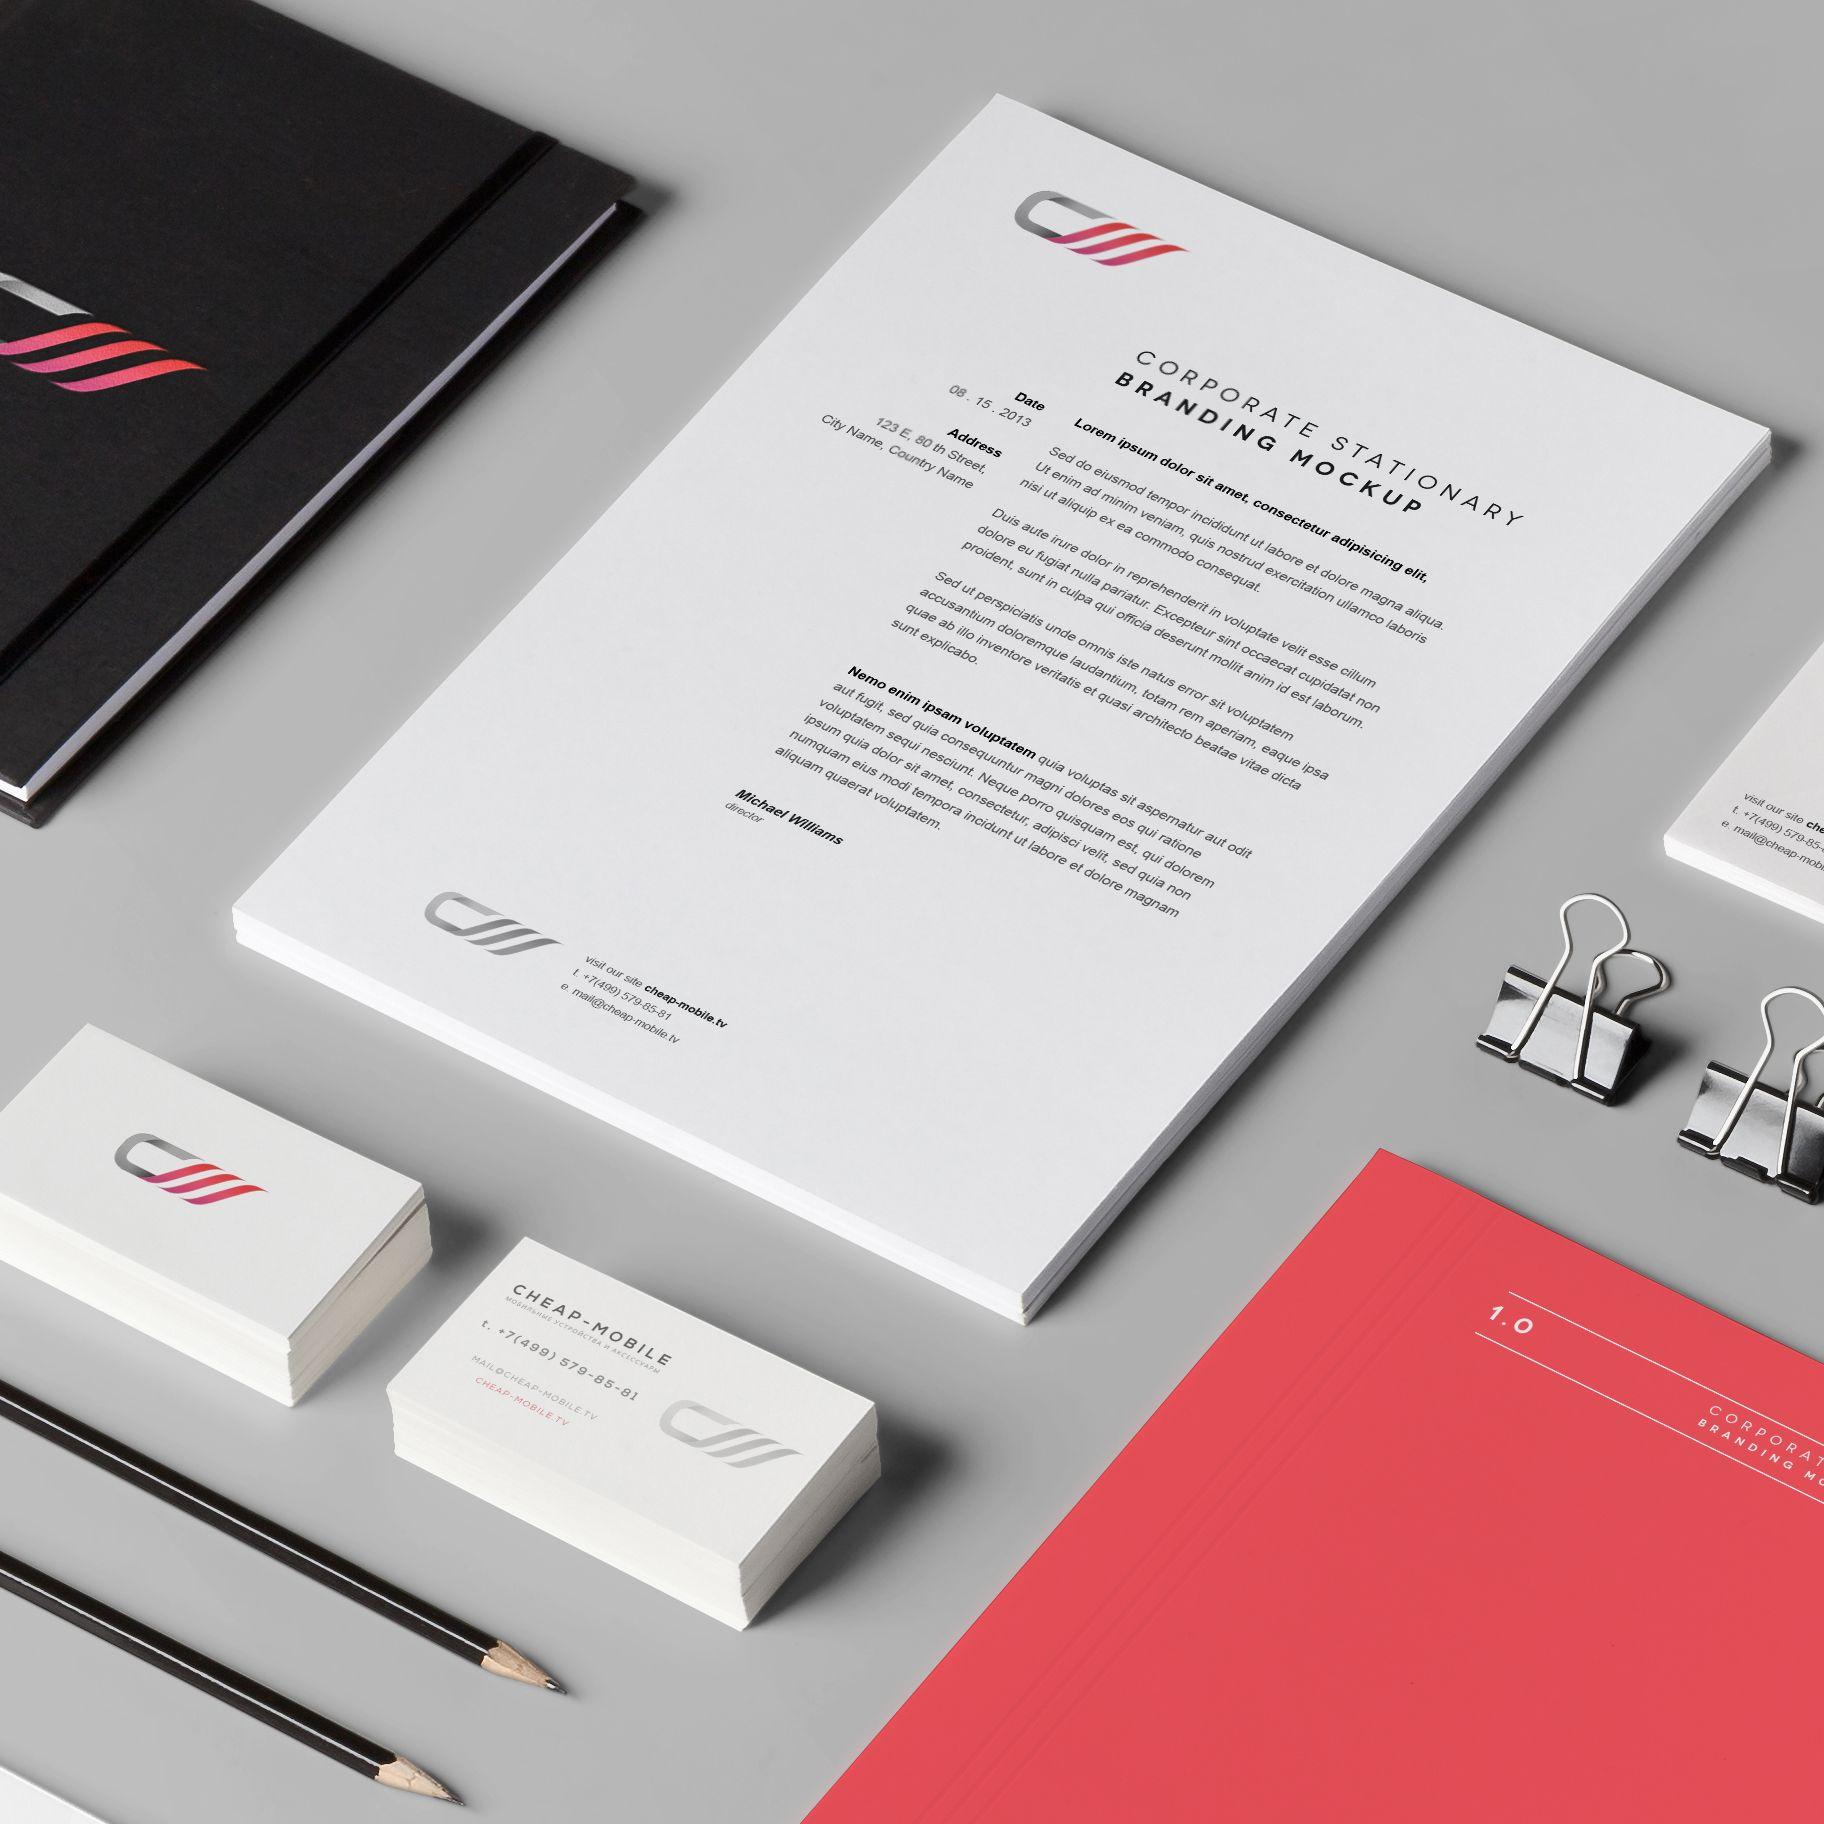 Лого и фирменный стиль для ИМ (Мобильные телефоны) - дизайнер redsideby